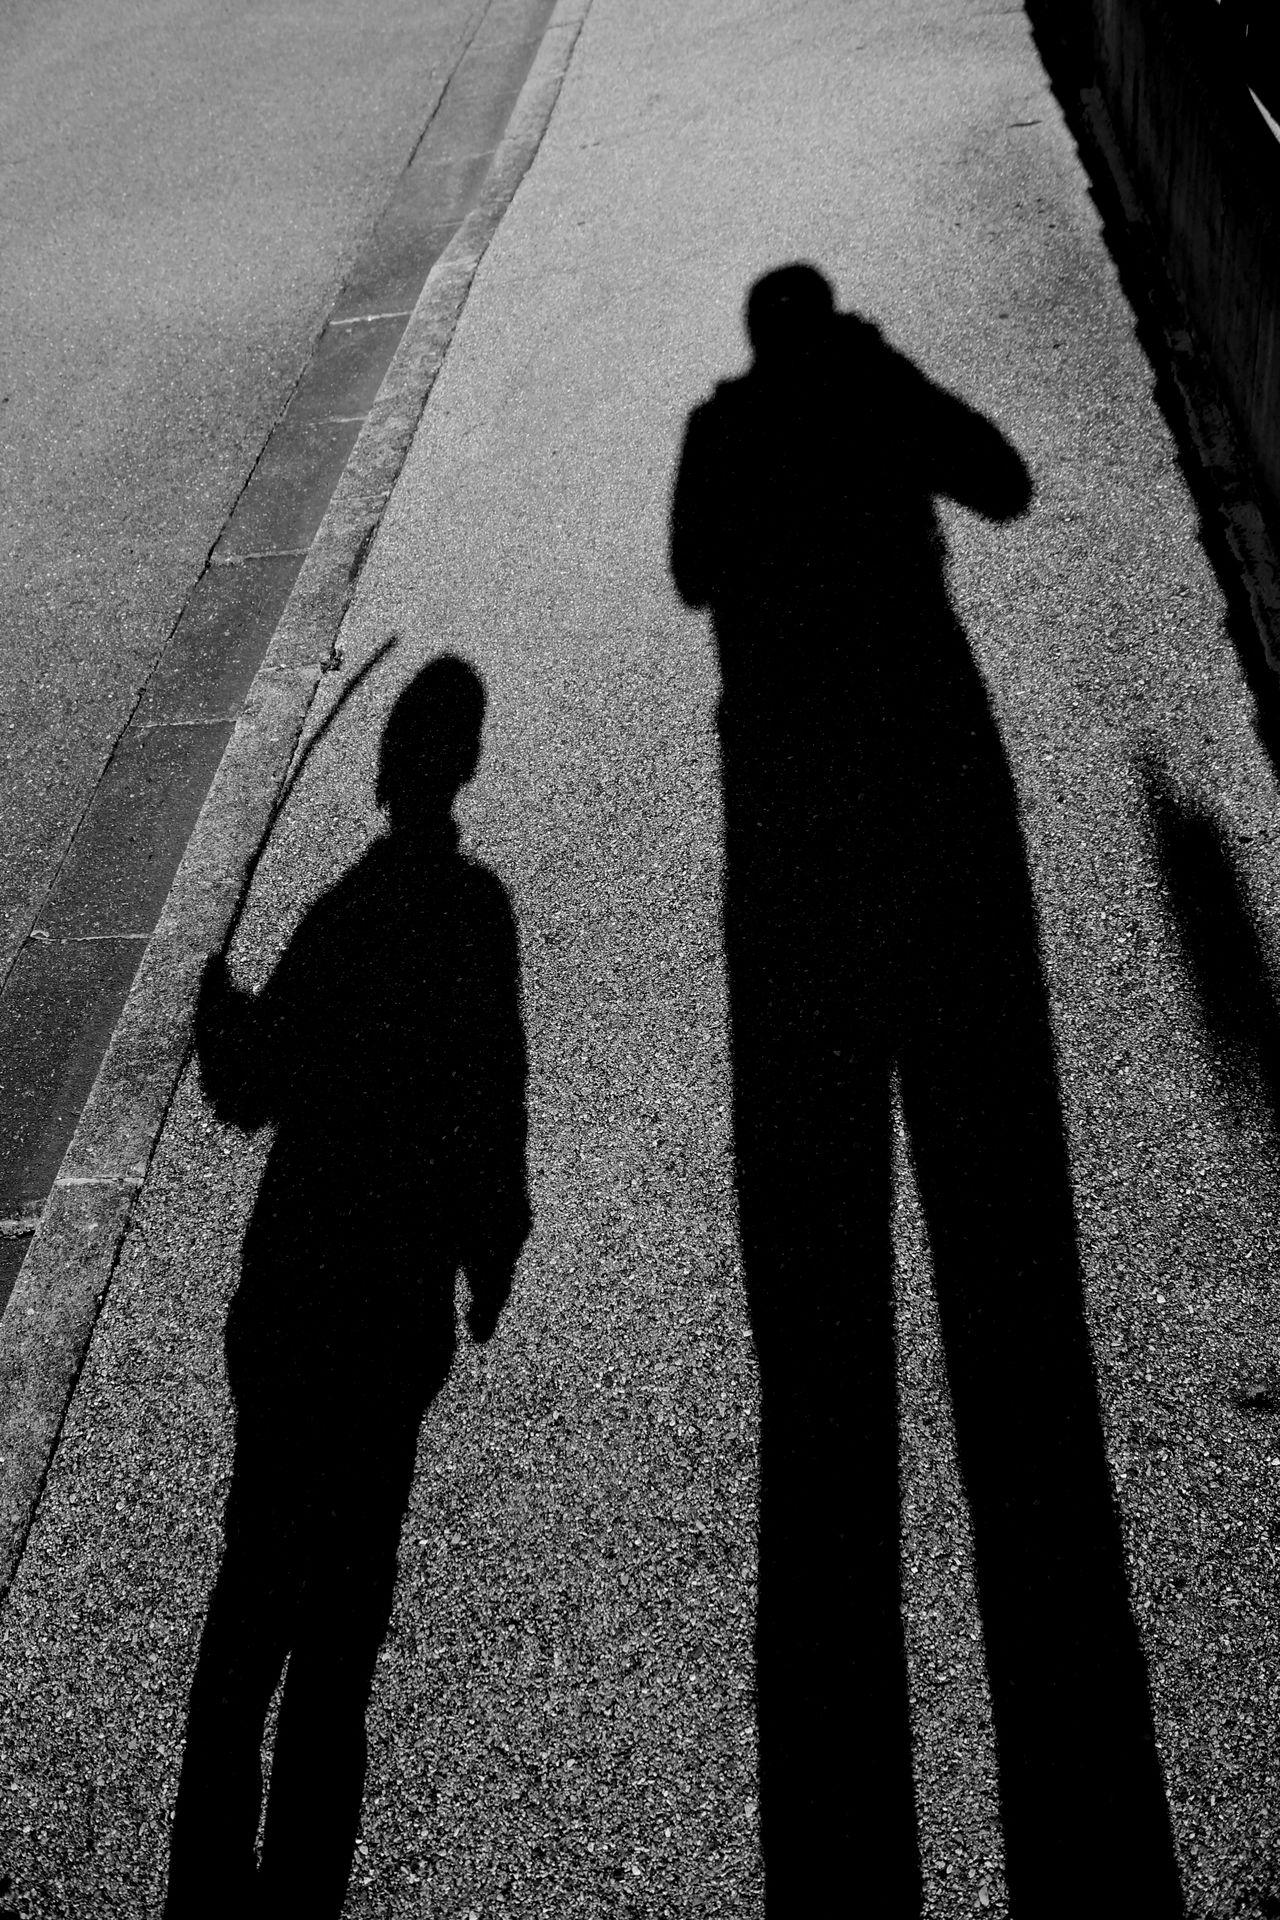 Zwei Generationen Blackandwhite Father & Son Generationen Generations Schwarz & Weiß Vater & Sohn